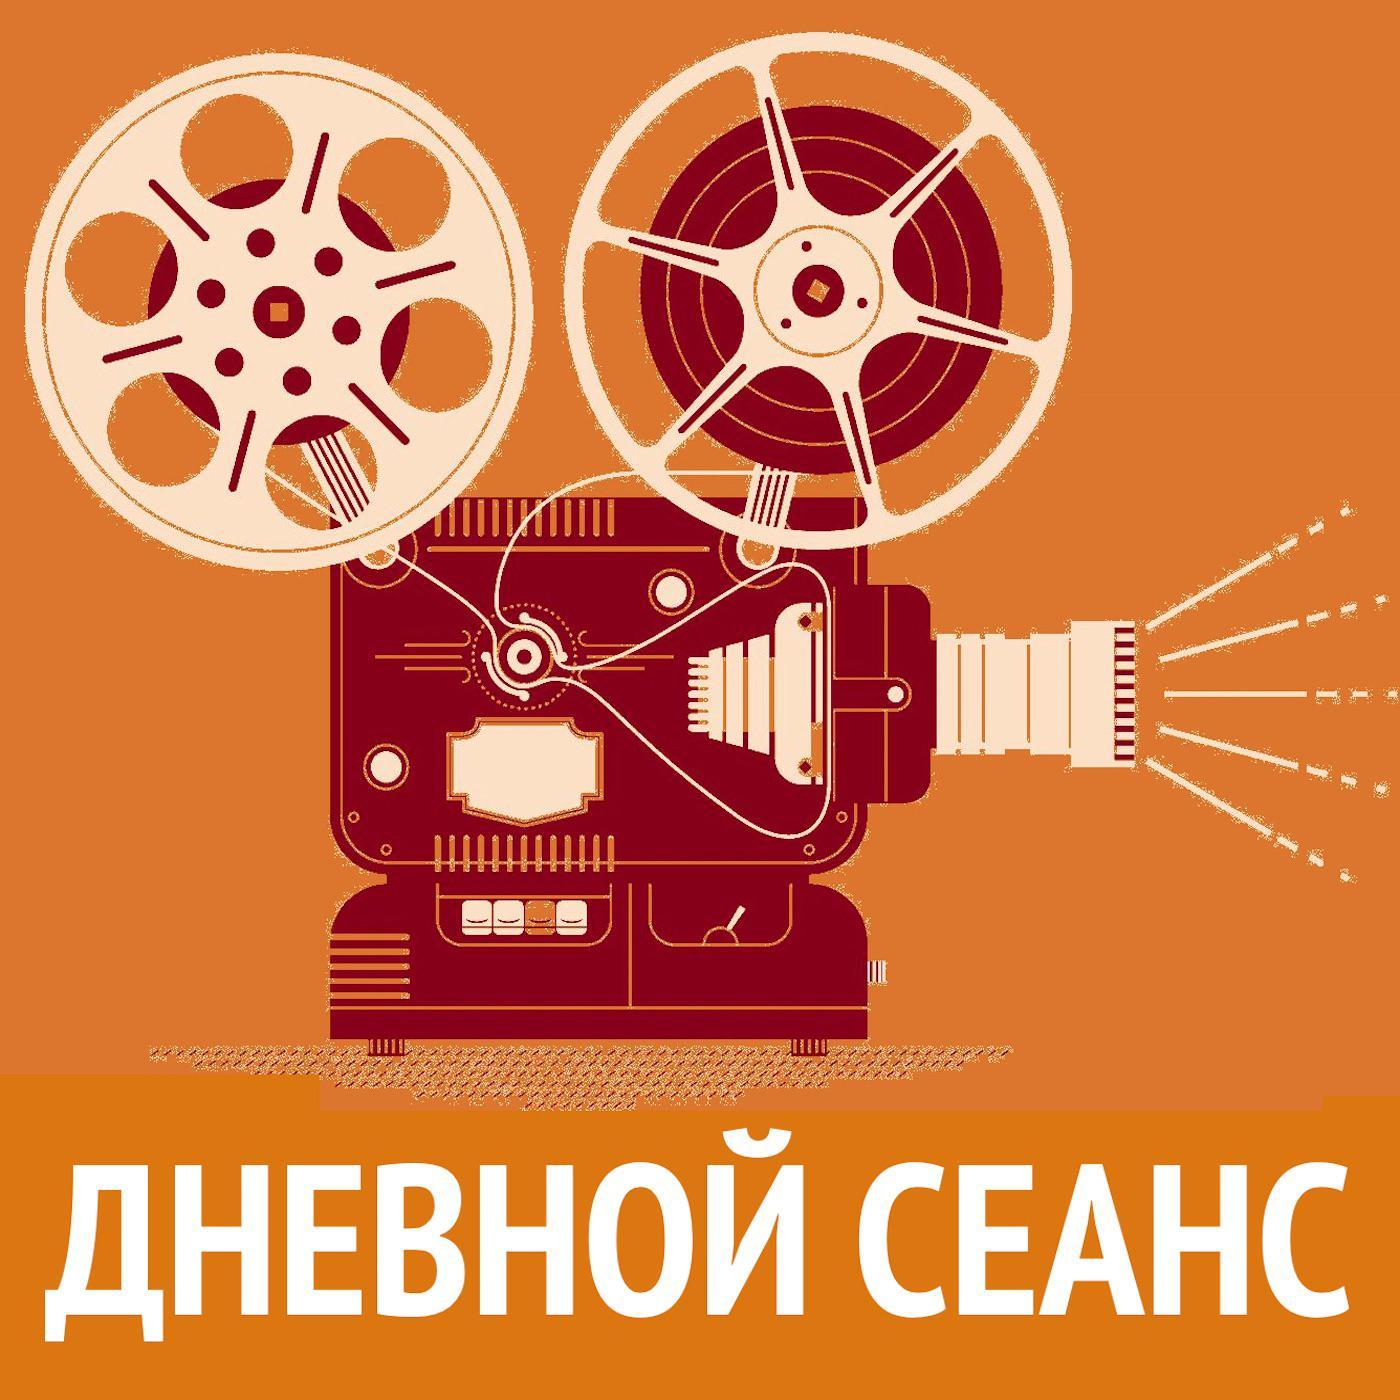 цена Илья Либман Российская народная кинопремия